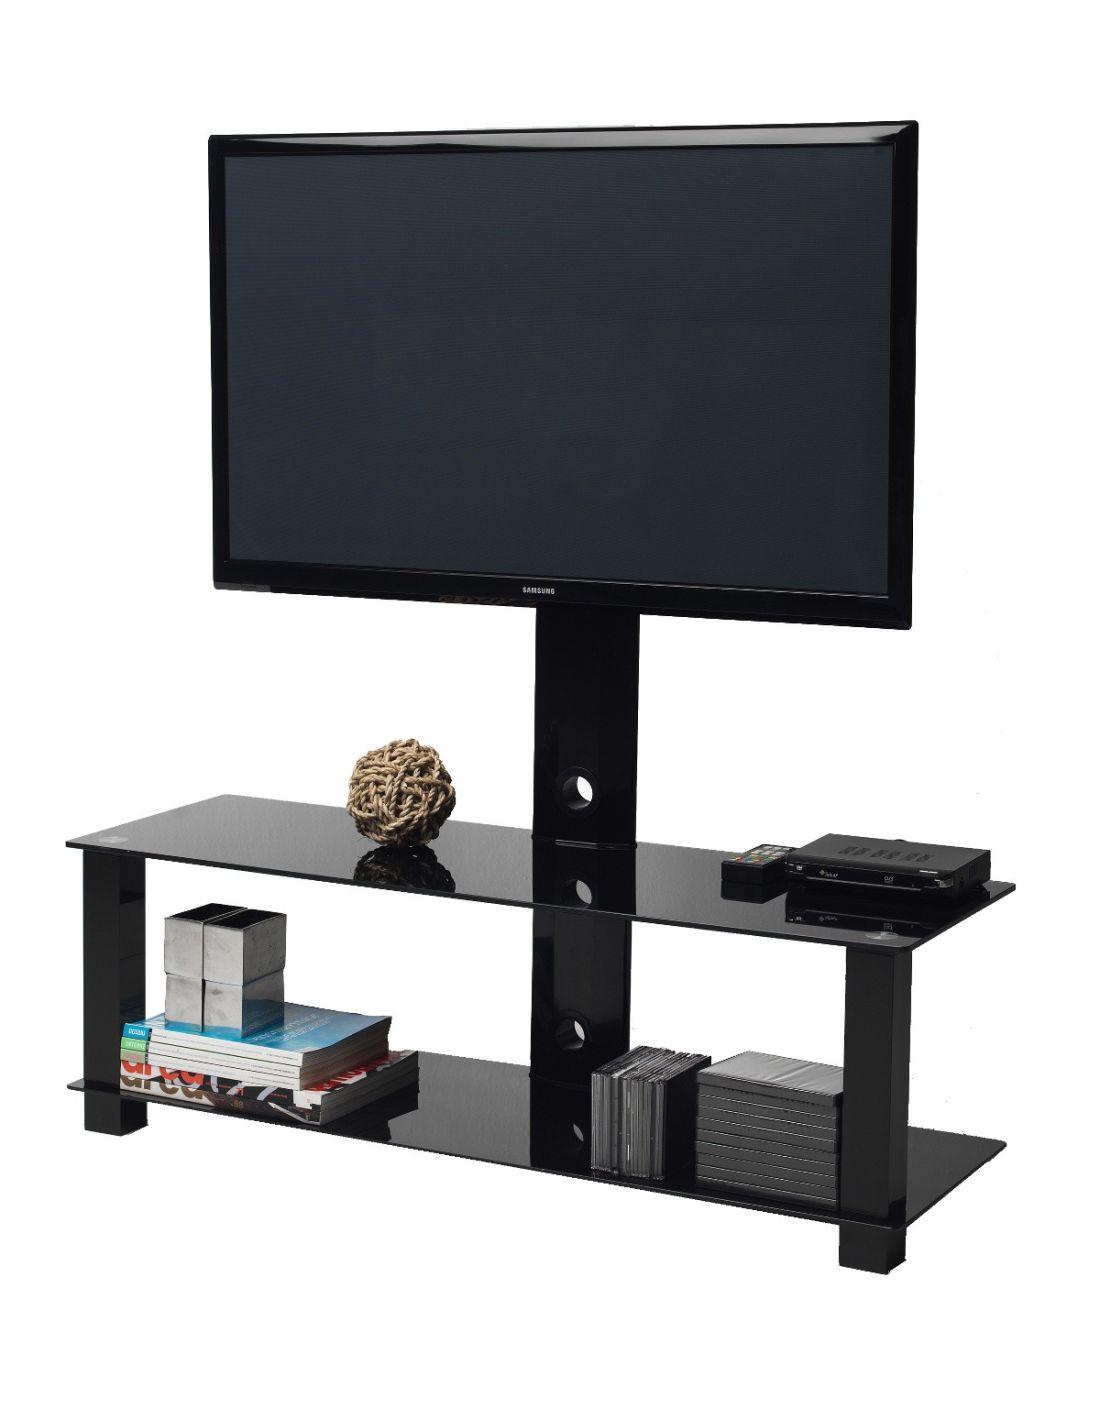 Mobile porta tv hook staffa girevole in metallo 60 pollici - Carrello porta tv meliconi ...